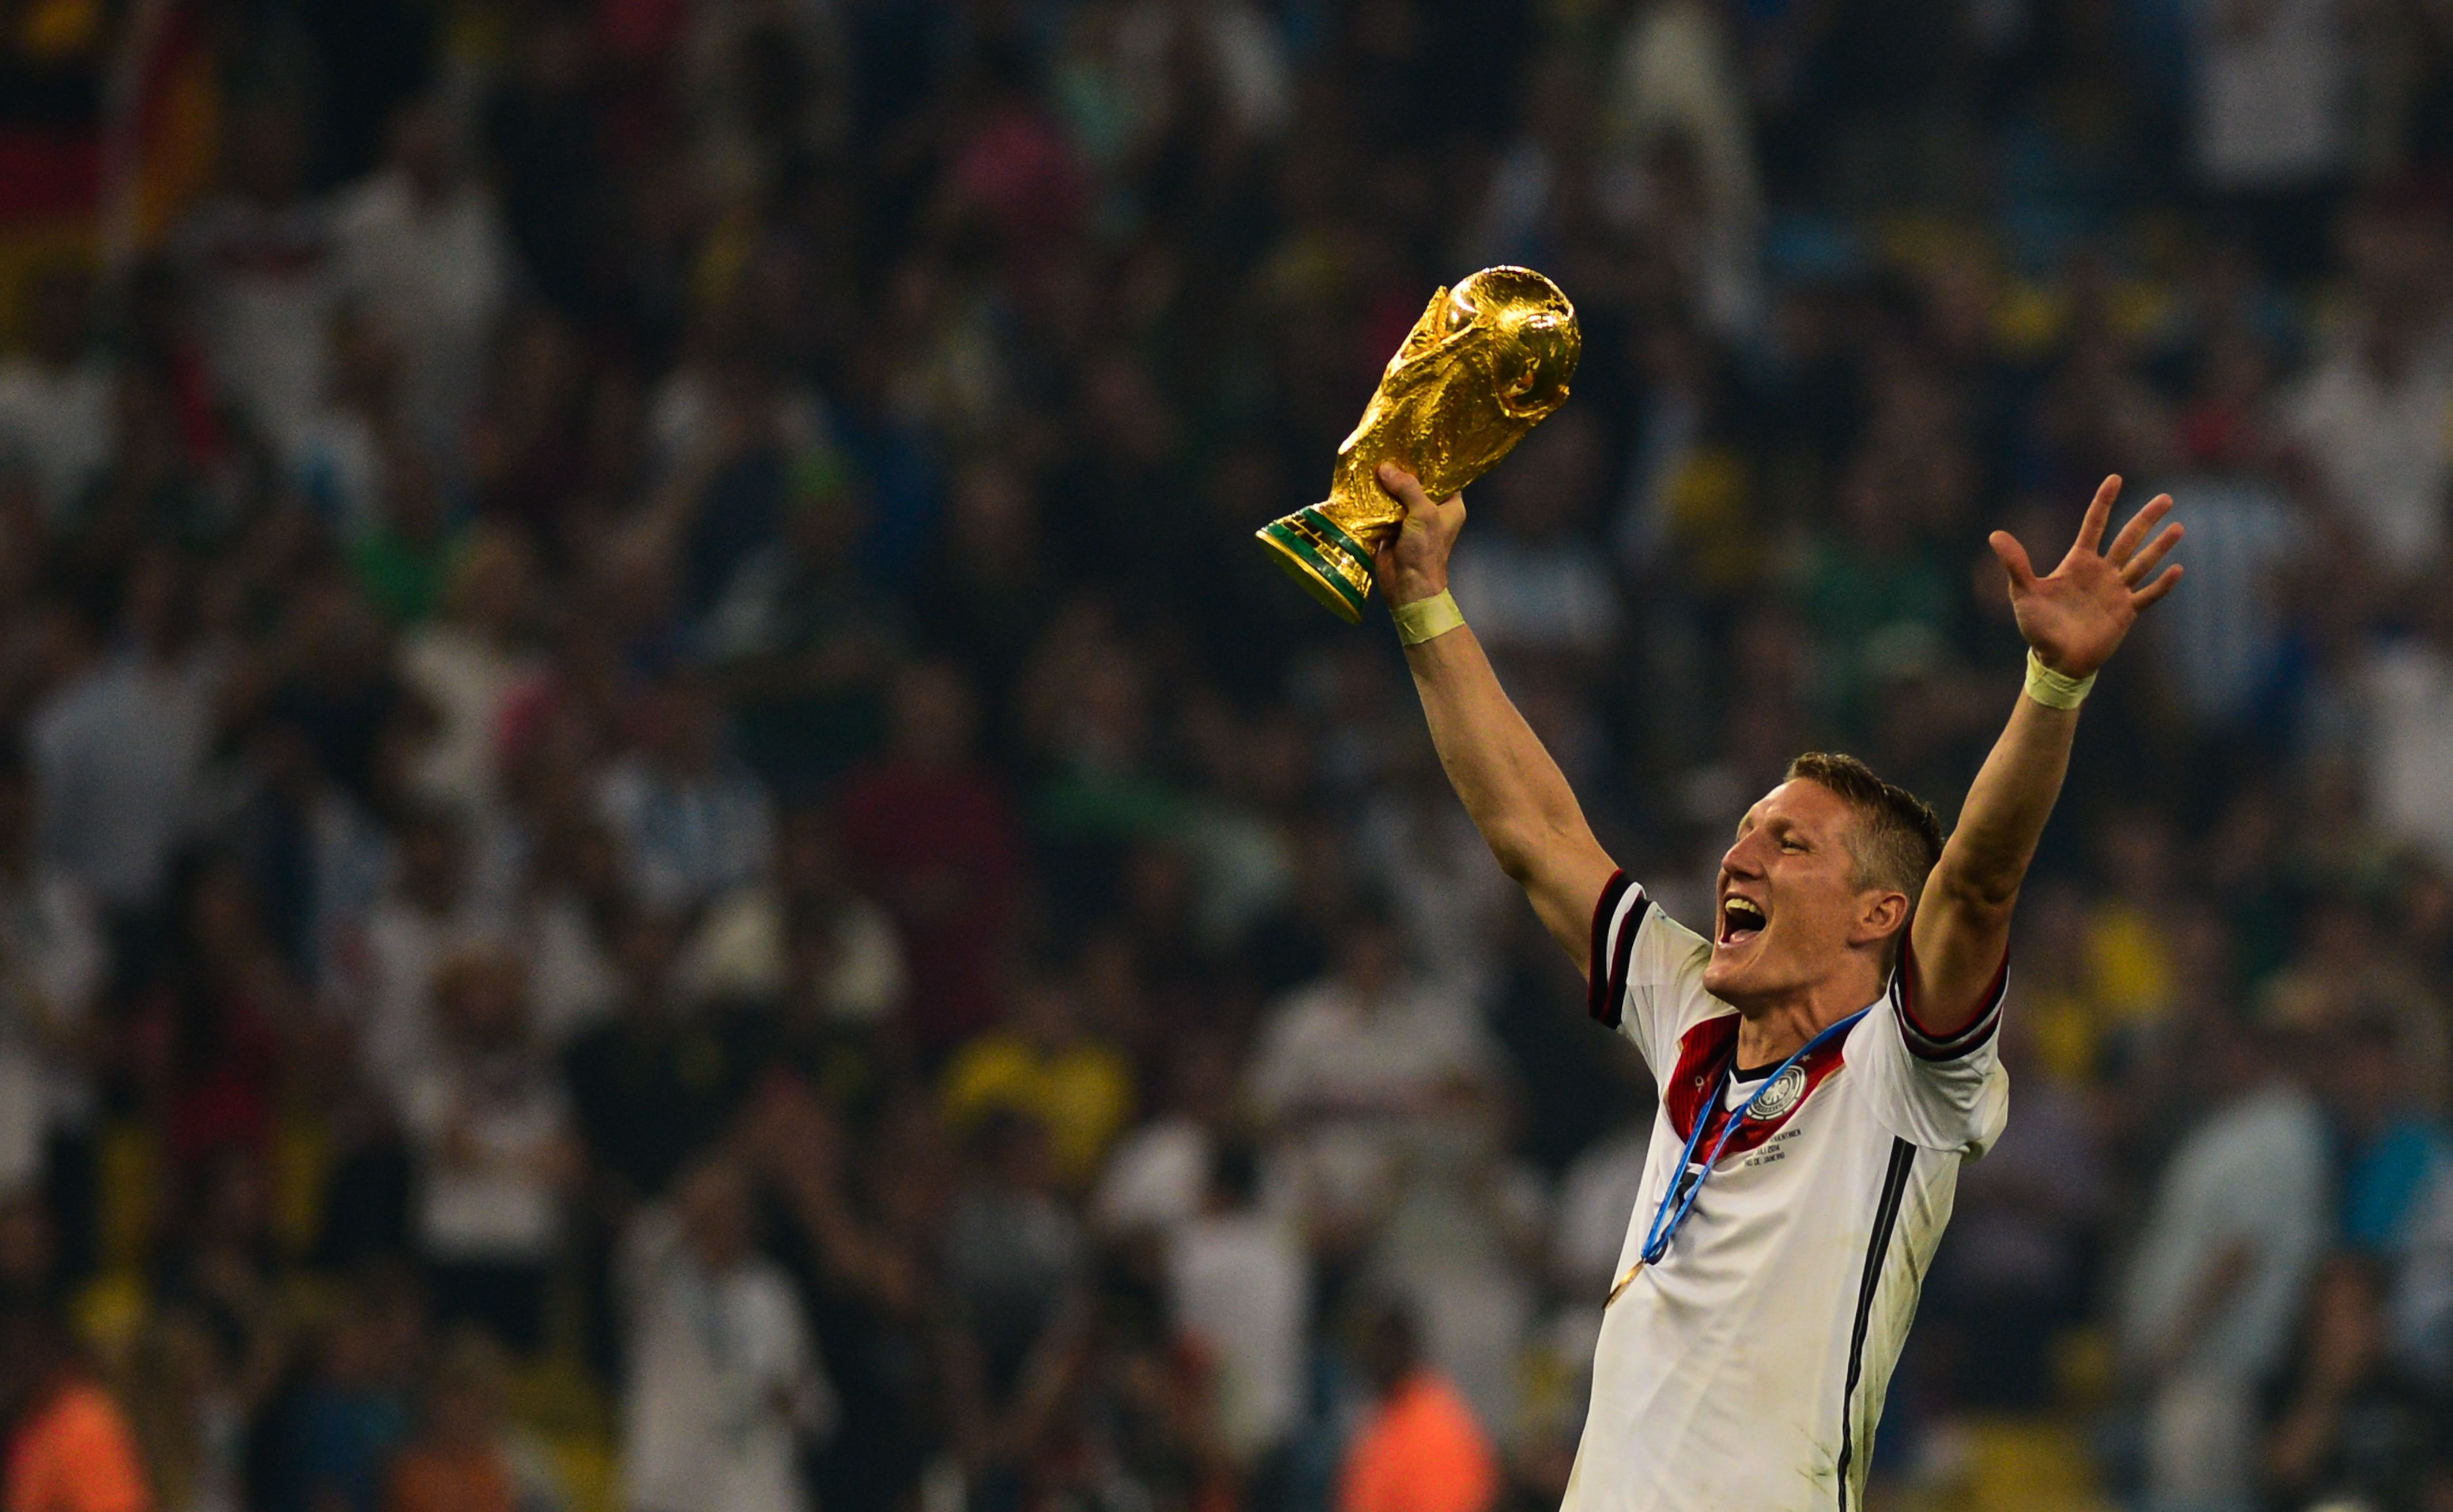 Finale Der Fussball Weltmeisterschaft 2014 Wikipedia